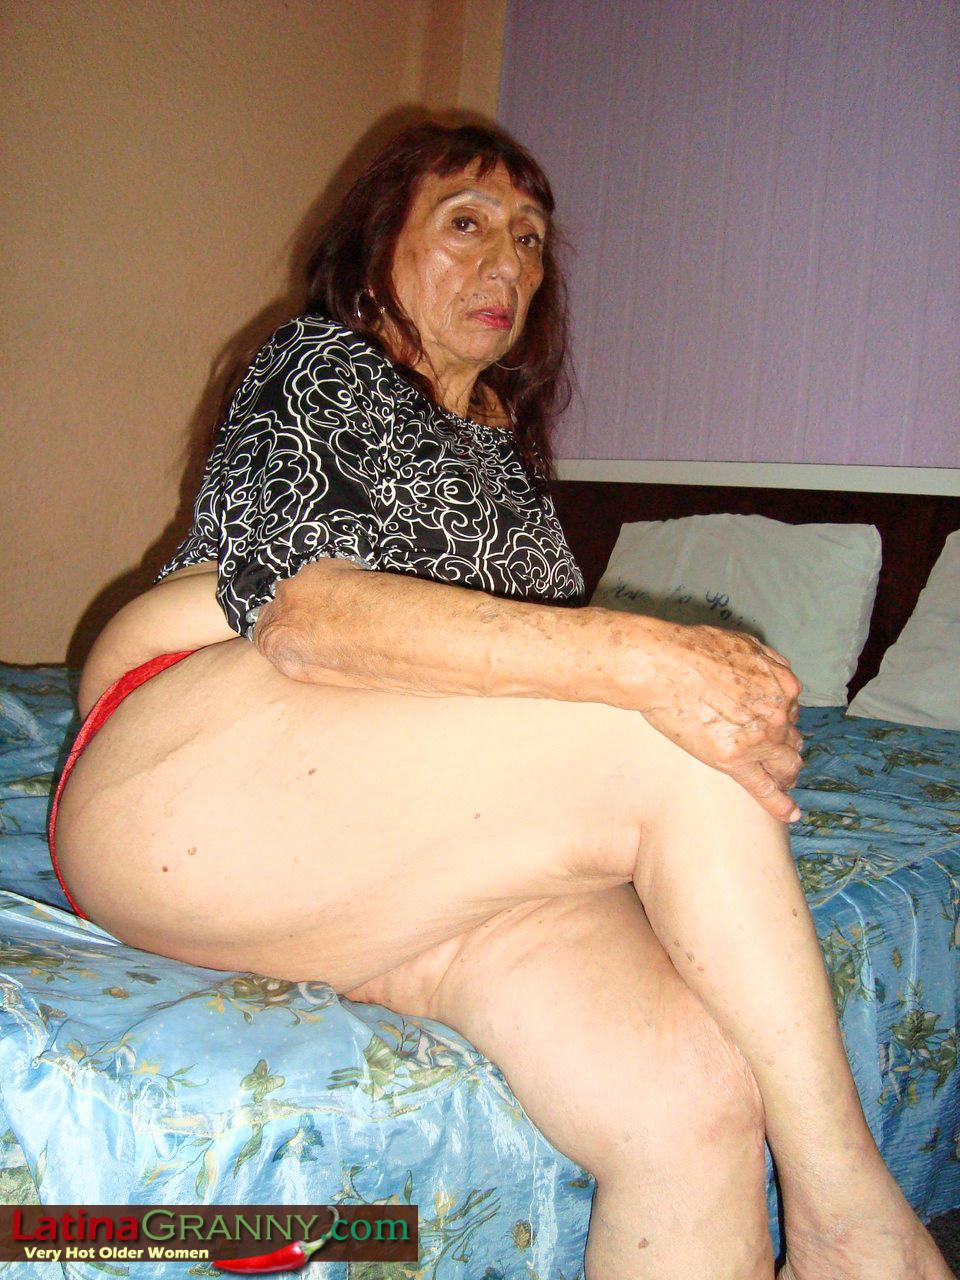 Girl when photos granny latina